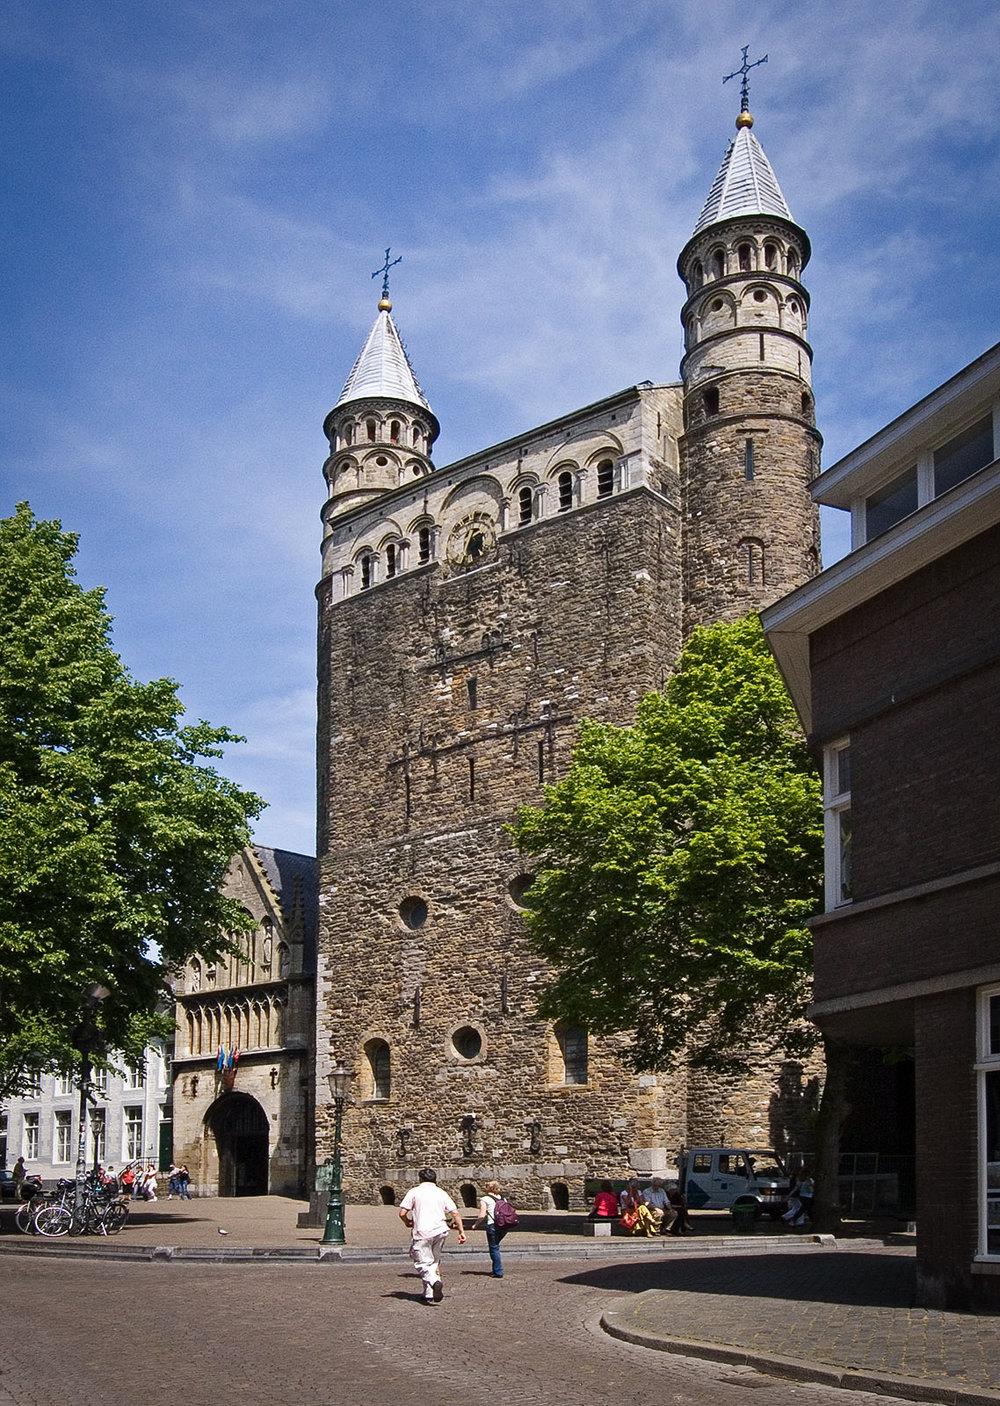 Maastricht_liebfrauenkirche.JPG